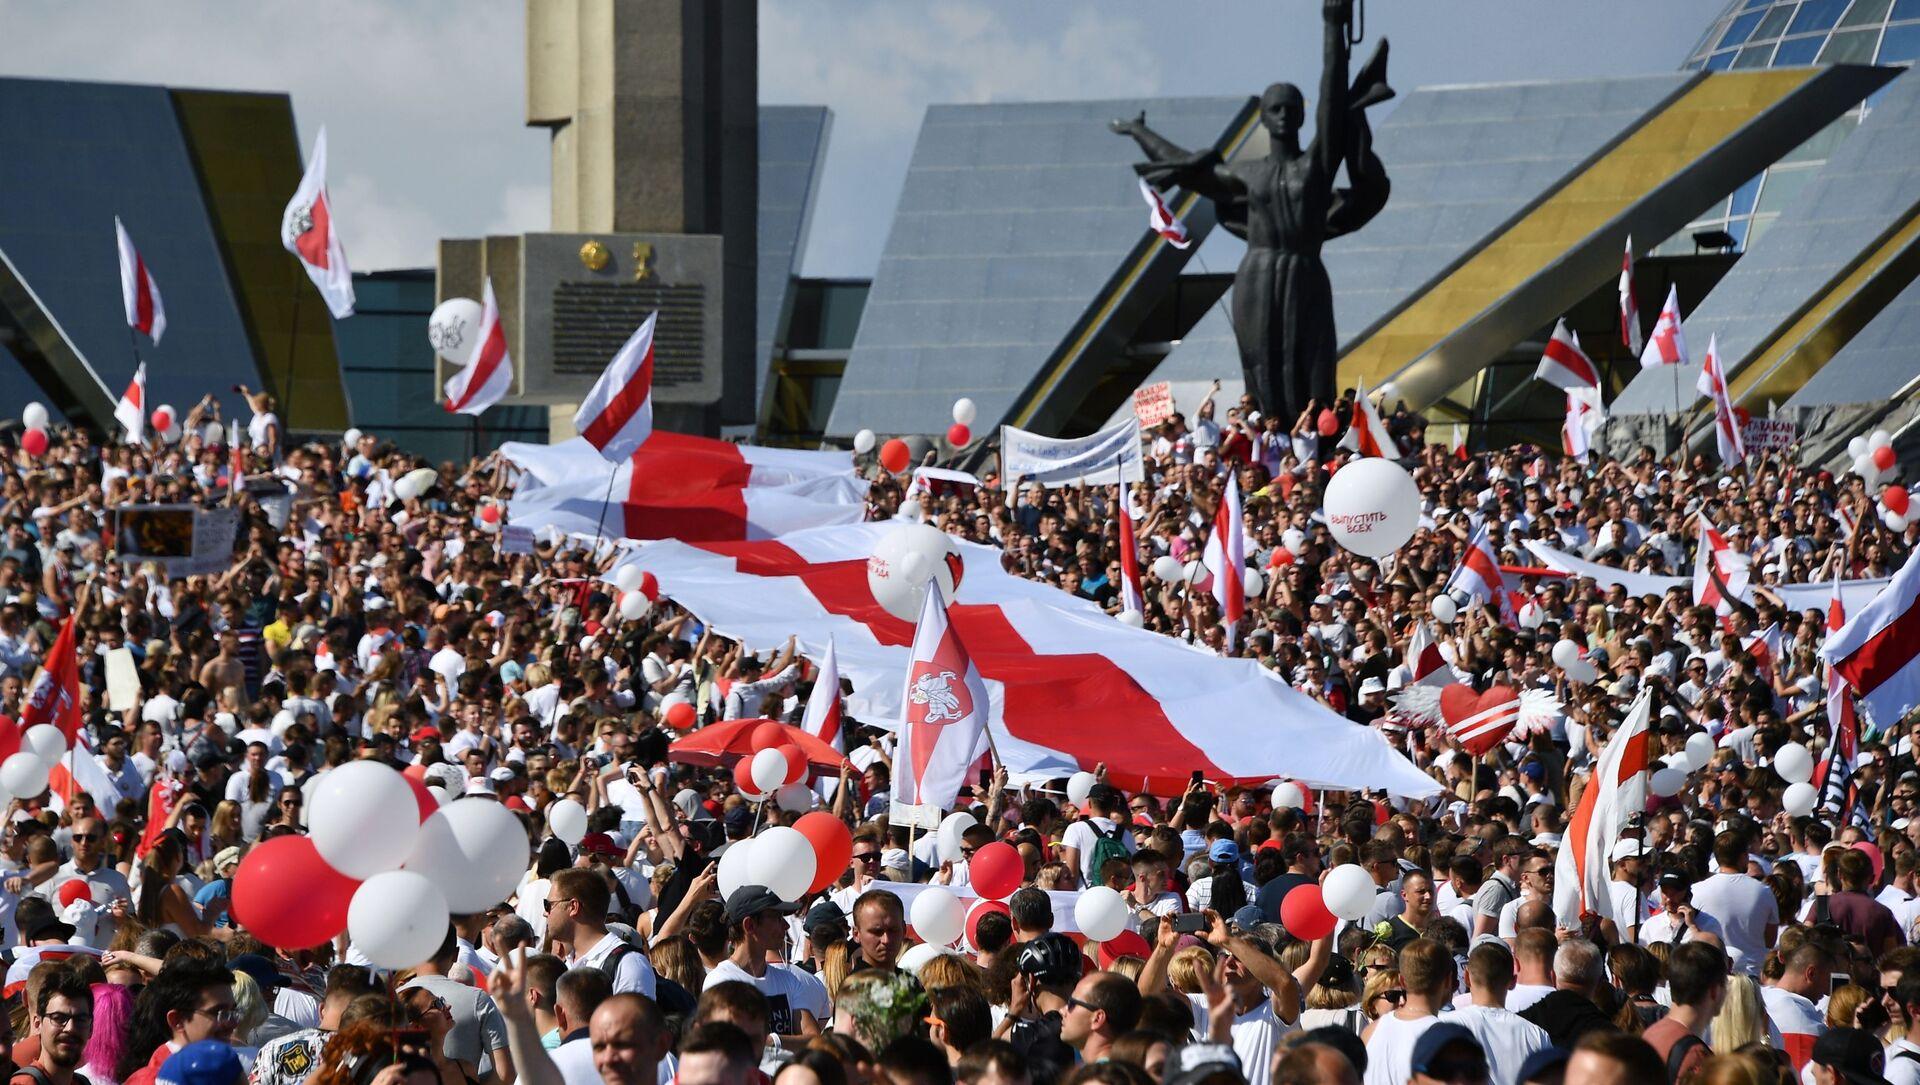 Účastníci opozičního pochodu Za svobodu u stély Minsk - gorod-geroj v běloruském hlavním městě (16. 08. 2020) - Sputnik Česká republika, 1920, 07.02.2021